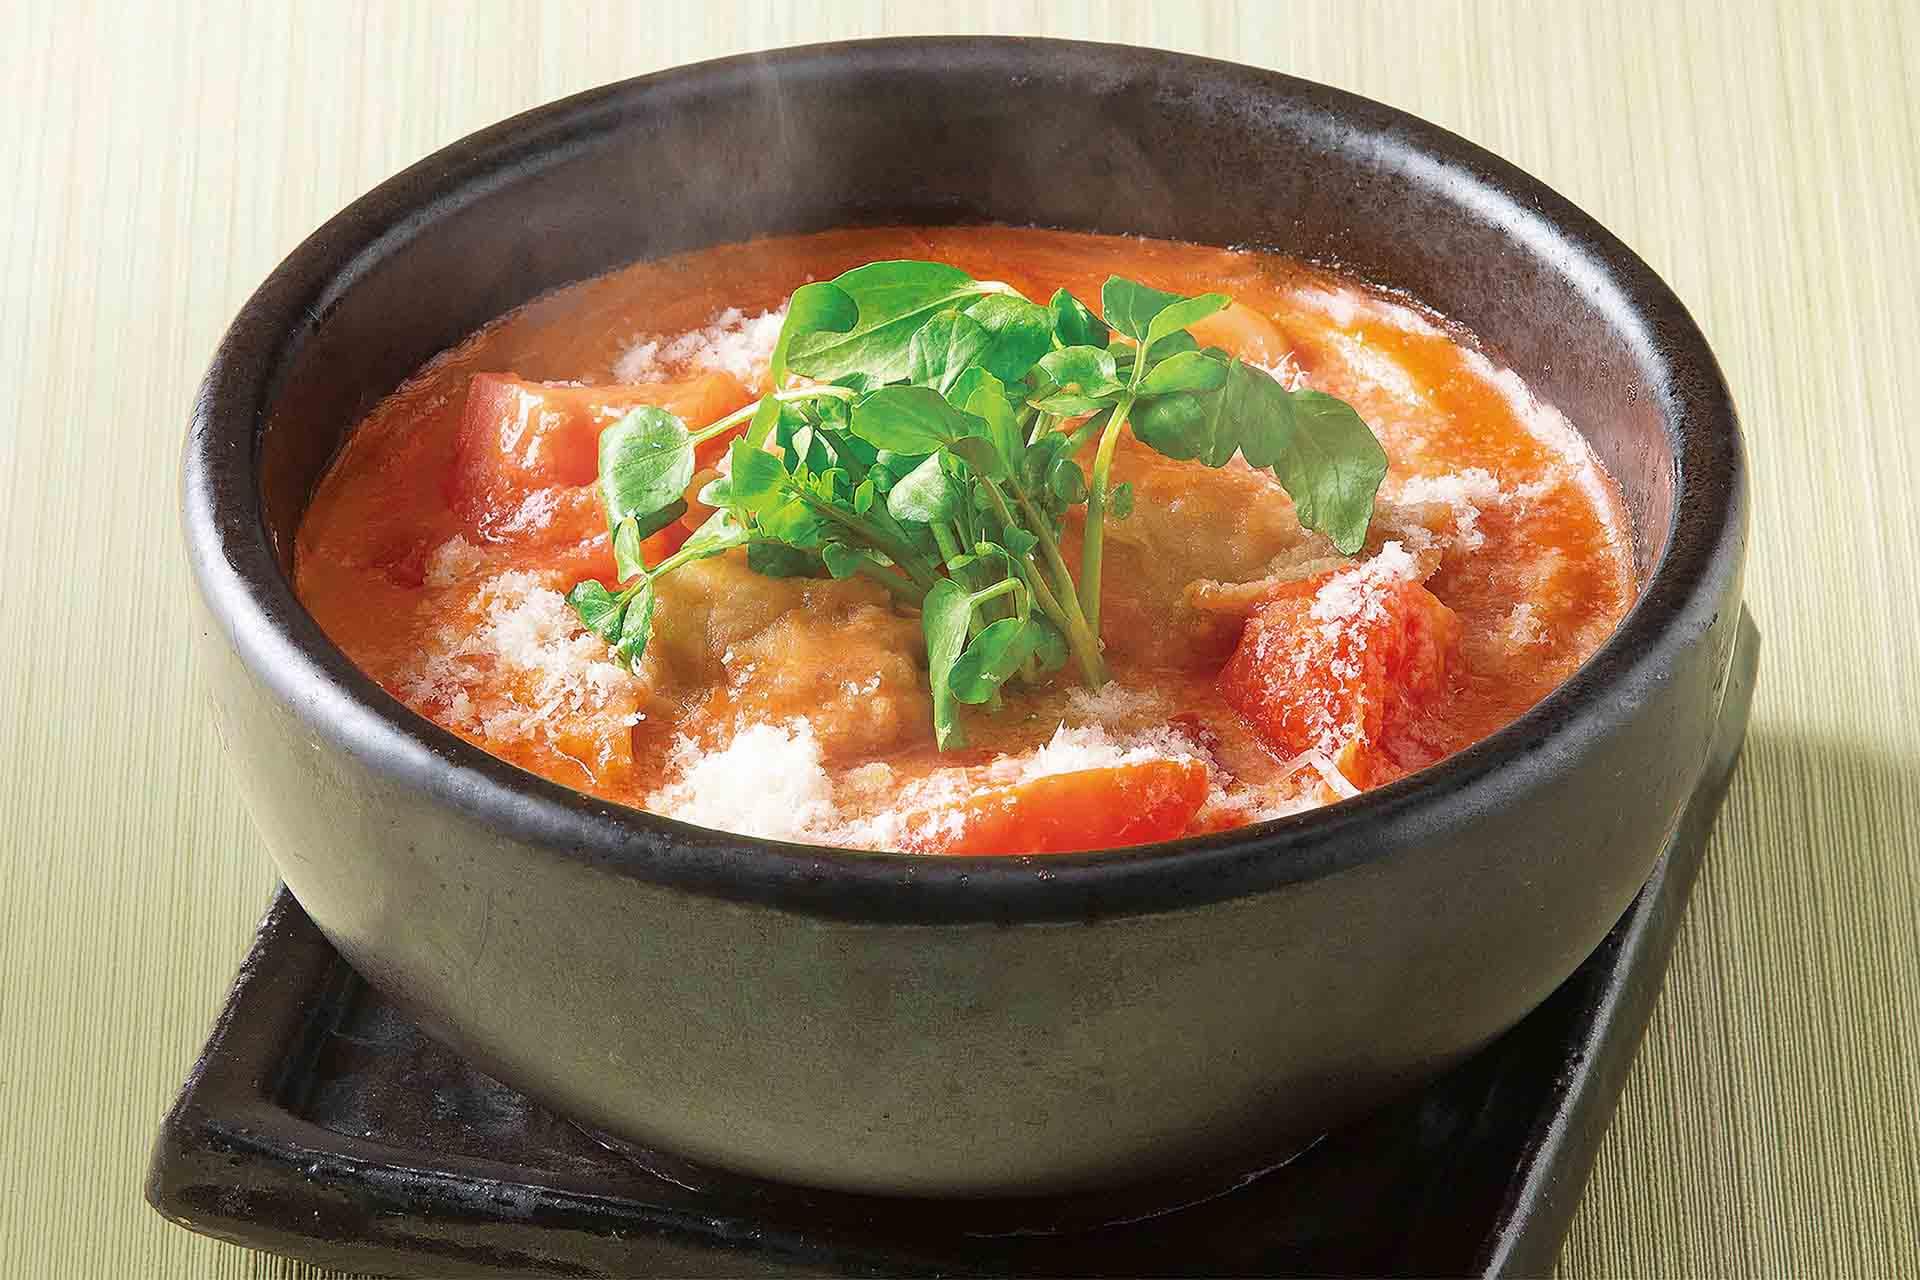 春キャベツと揚げ鶏トマトクリーム石焼のおうどん